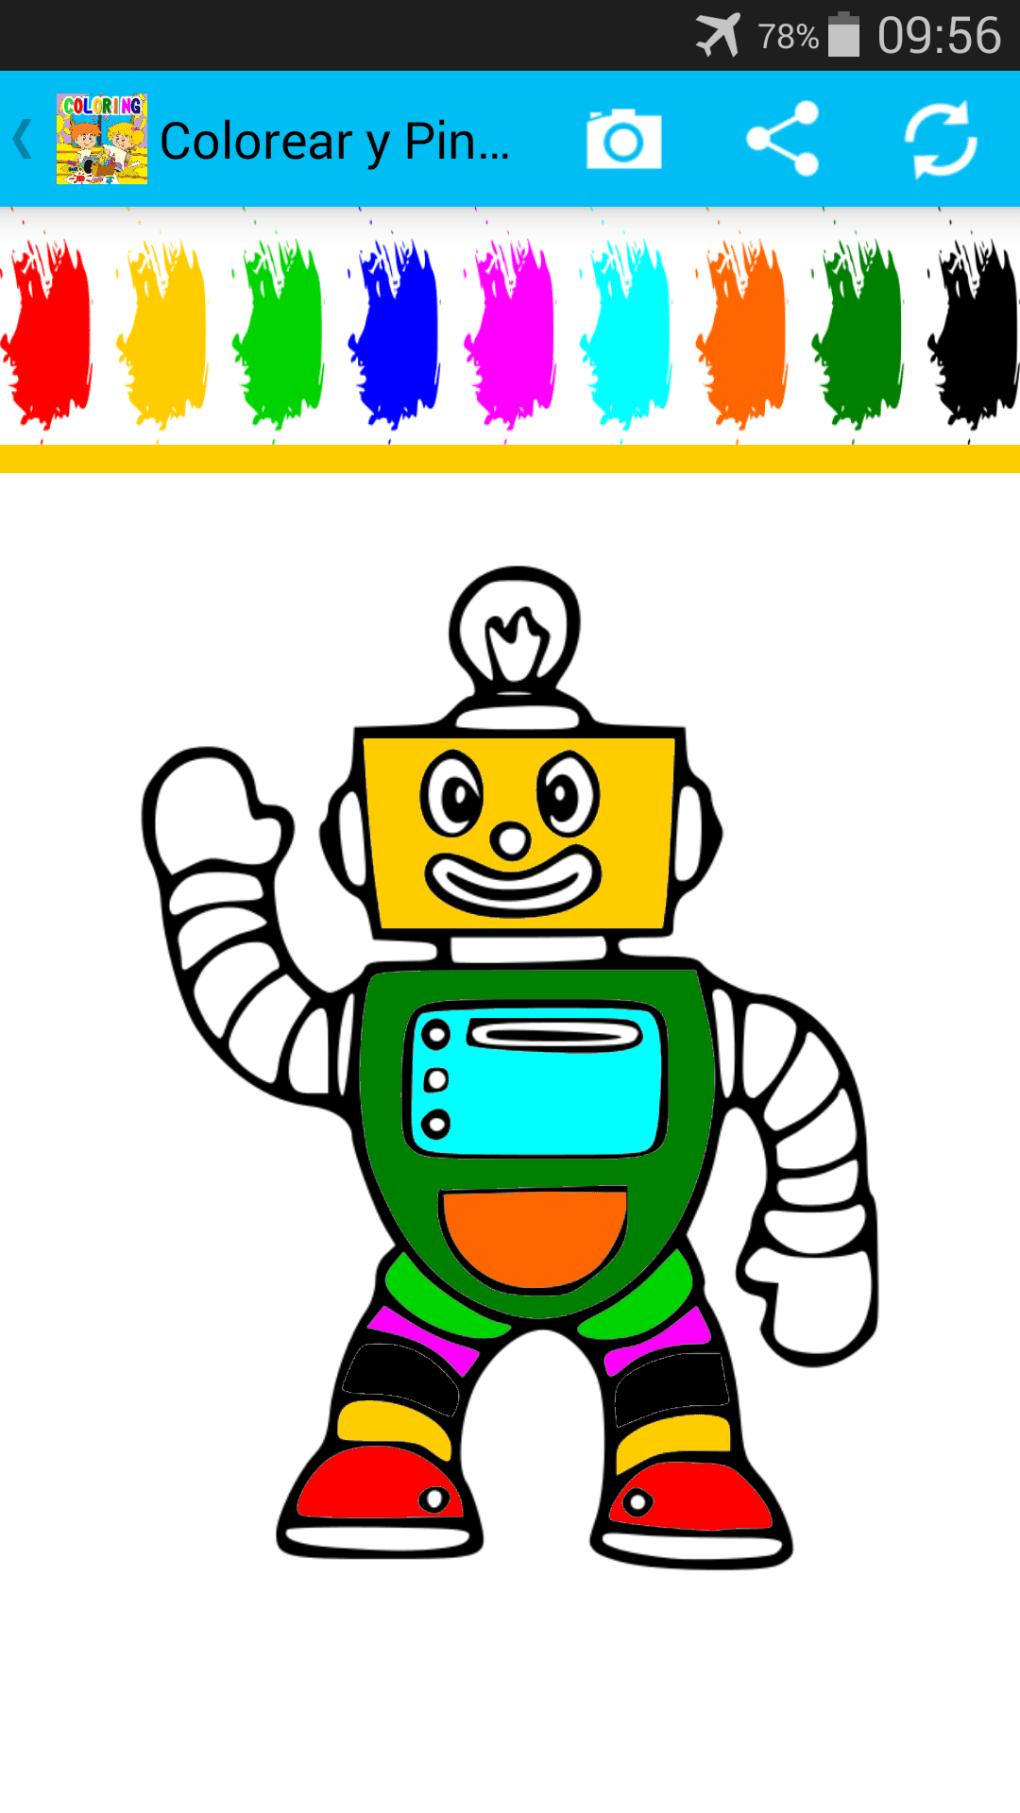 Colorear Y Pintar Para Niños Para Android Descargar